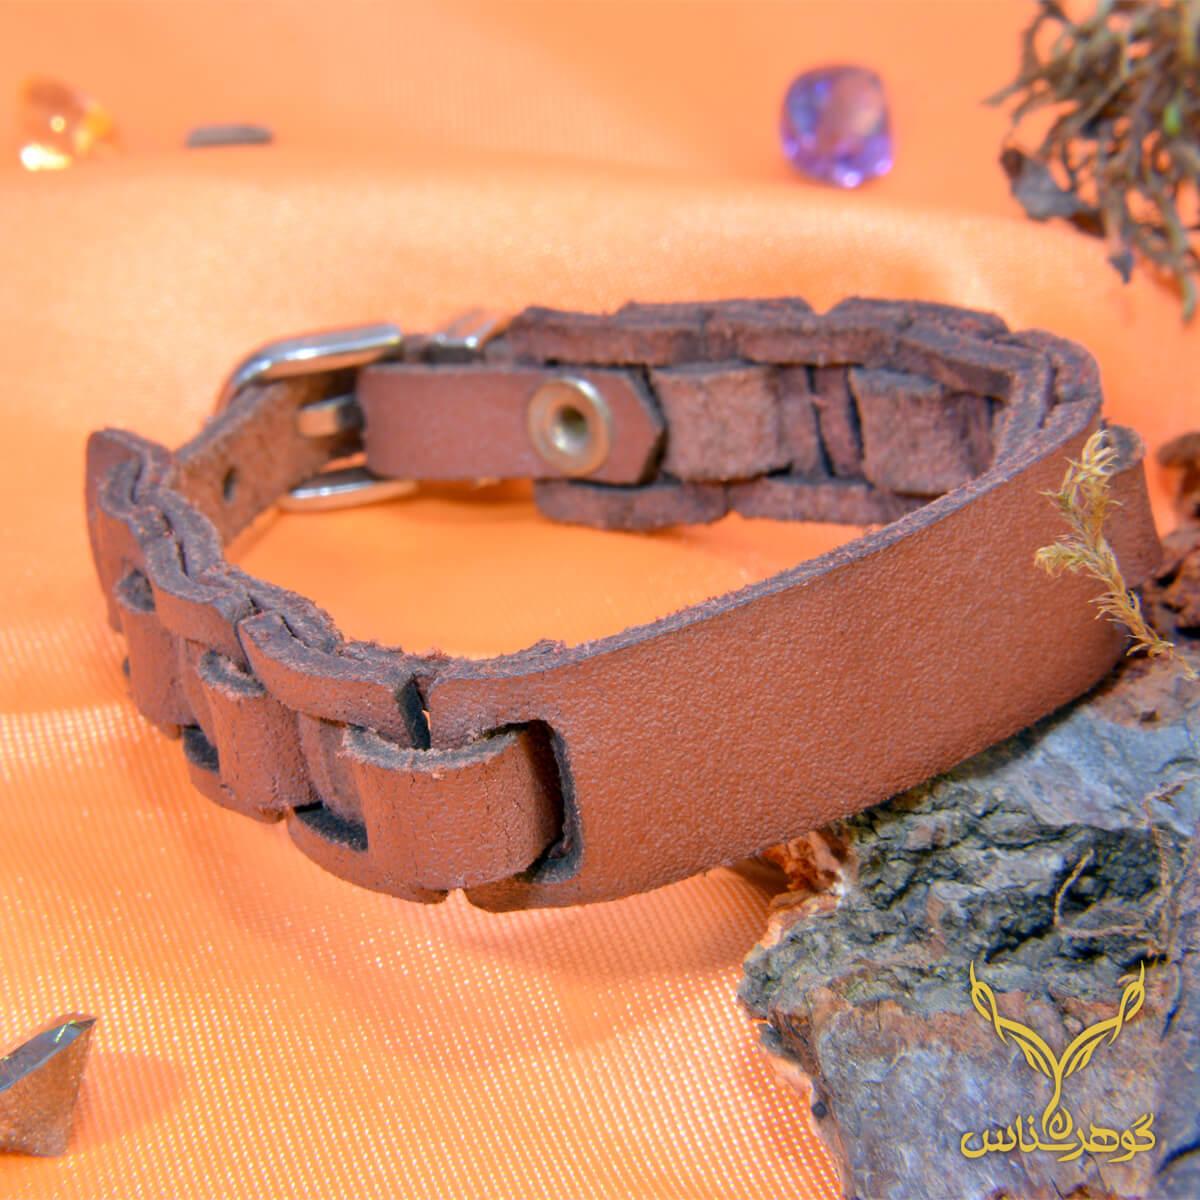 دستبند چرمی کدRD011 دستبند چرم همراه با سنگ یکی از بهترین گزینه ها برای آقایان است.فروشگاه آنلاین گوهرشناس مرکز معتبر خرید جواهرات